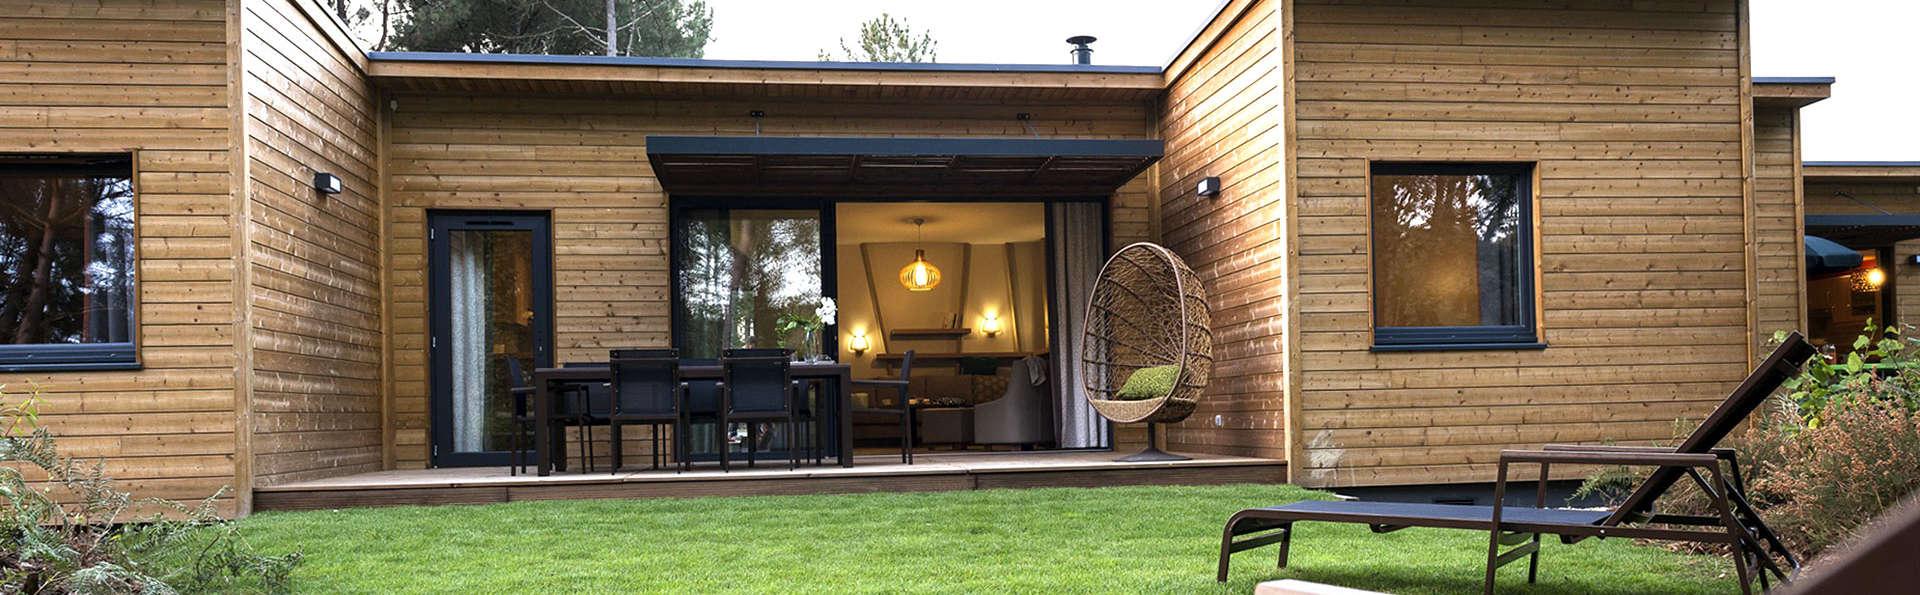 Week-end en cottage premium jusqu'à 6 personnes au Center Parcs Domaine du Bois aux Daims (2 nuits)